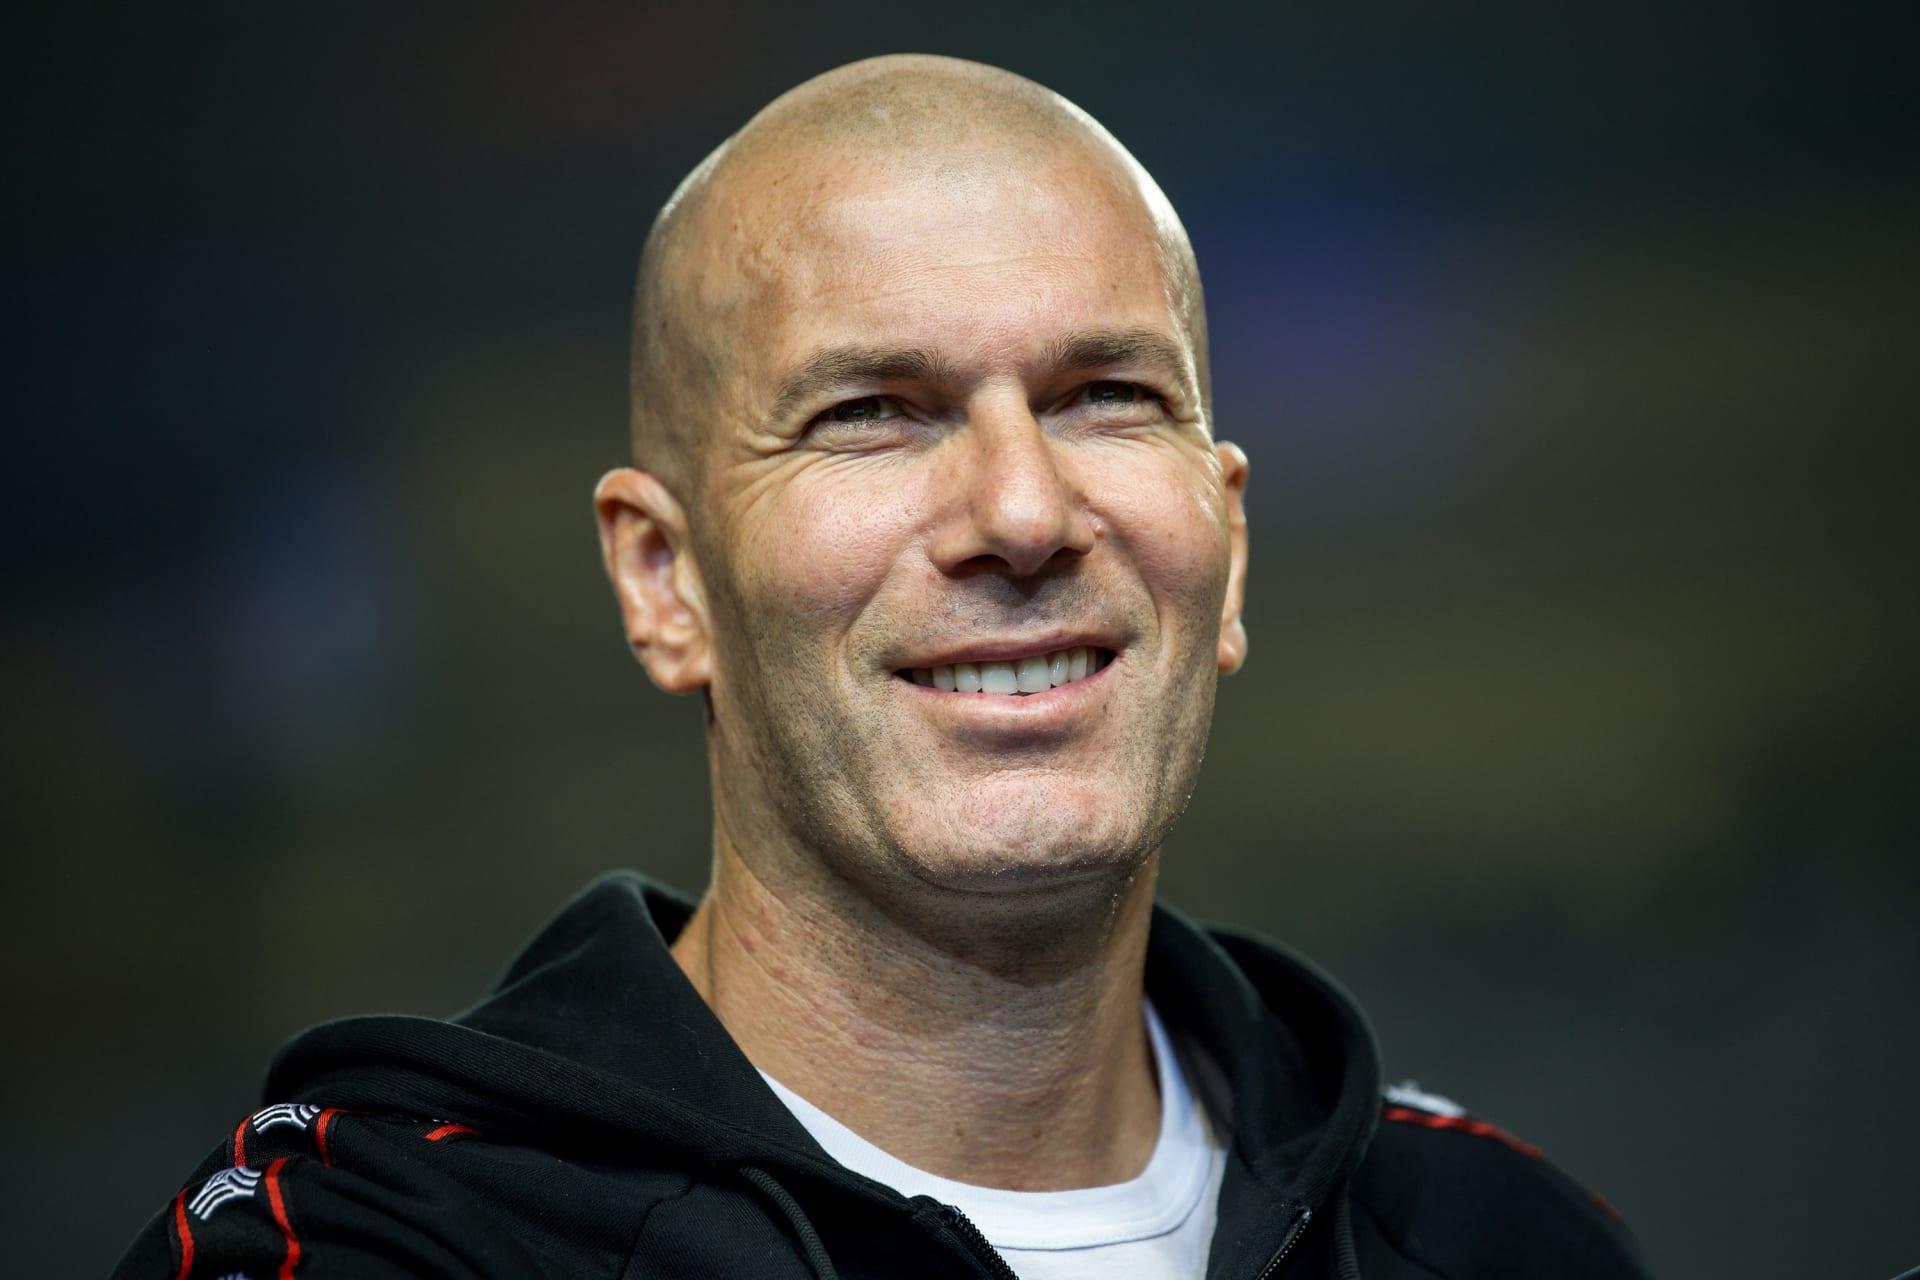 بعيداً عن كرة القدم.. ماذا فعل مدرب ريال مدريد الأسبق بدبي؟